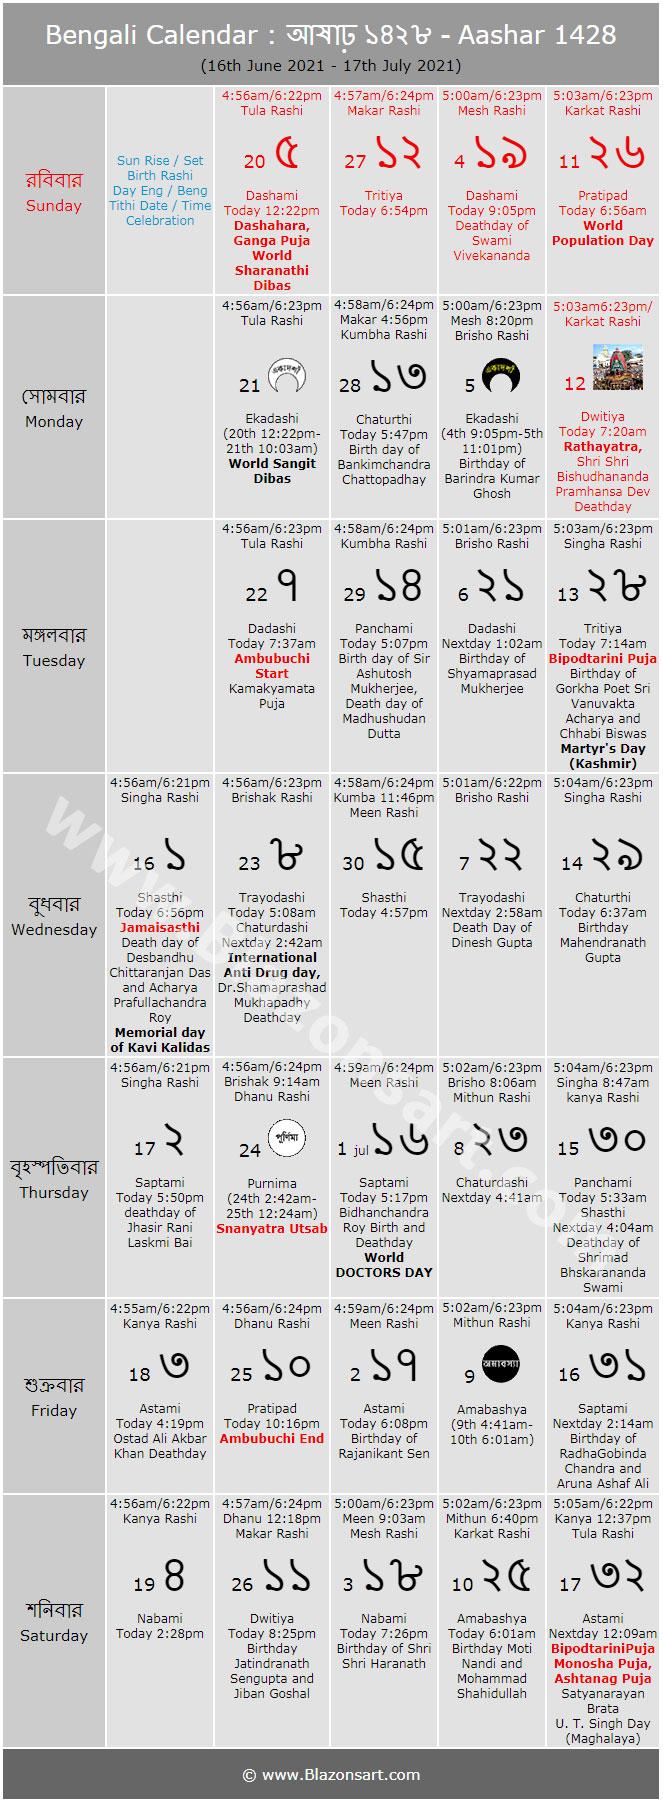 Bengali Calendar - Aashar 1426 : বাংলা কালেন্ডার